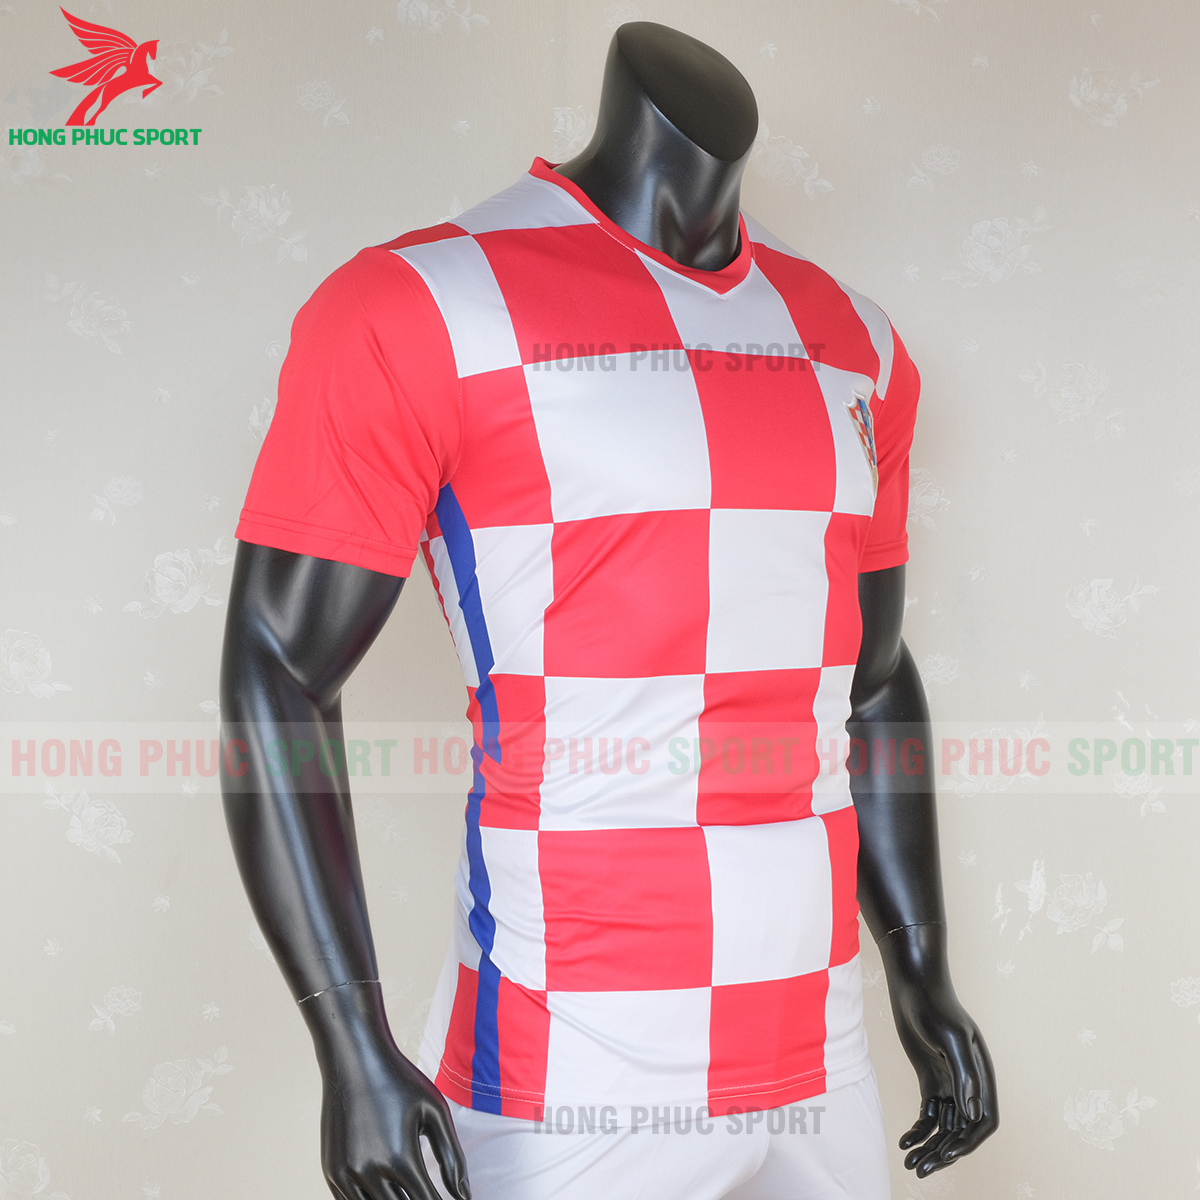 https://cdn.hongphucsport.com/unsafe/s4.shopbay.vn/files/285/ao-bong-da-tuyen-croatia-2020-san-nha-mau-1-4-5f7147d177b72.png